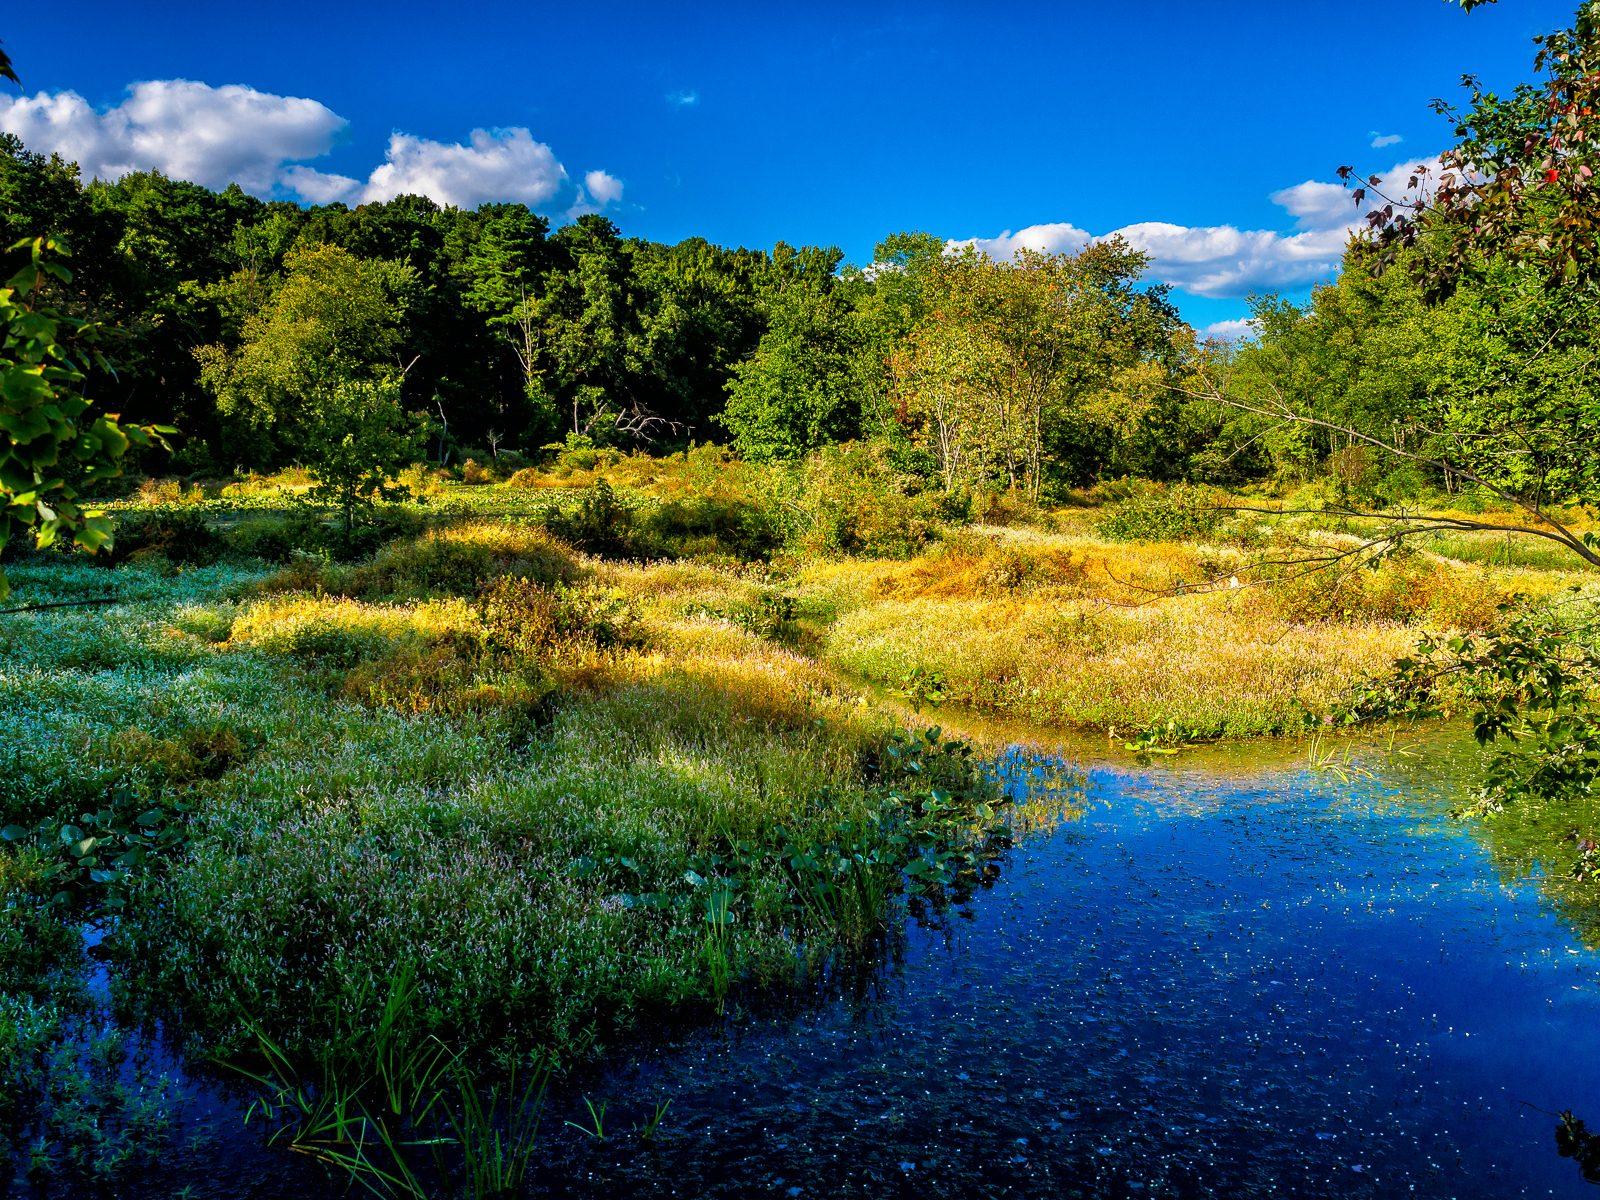 jackson-meadows-landscape